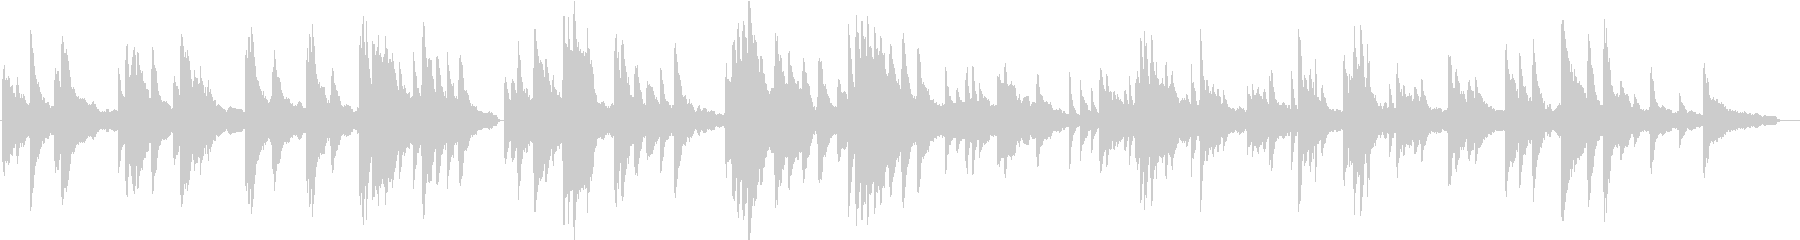 ヒーリングピアノ組曲 まどろみ 9の未再生の波形